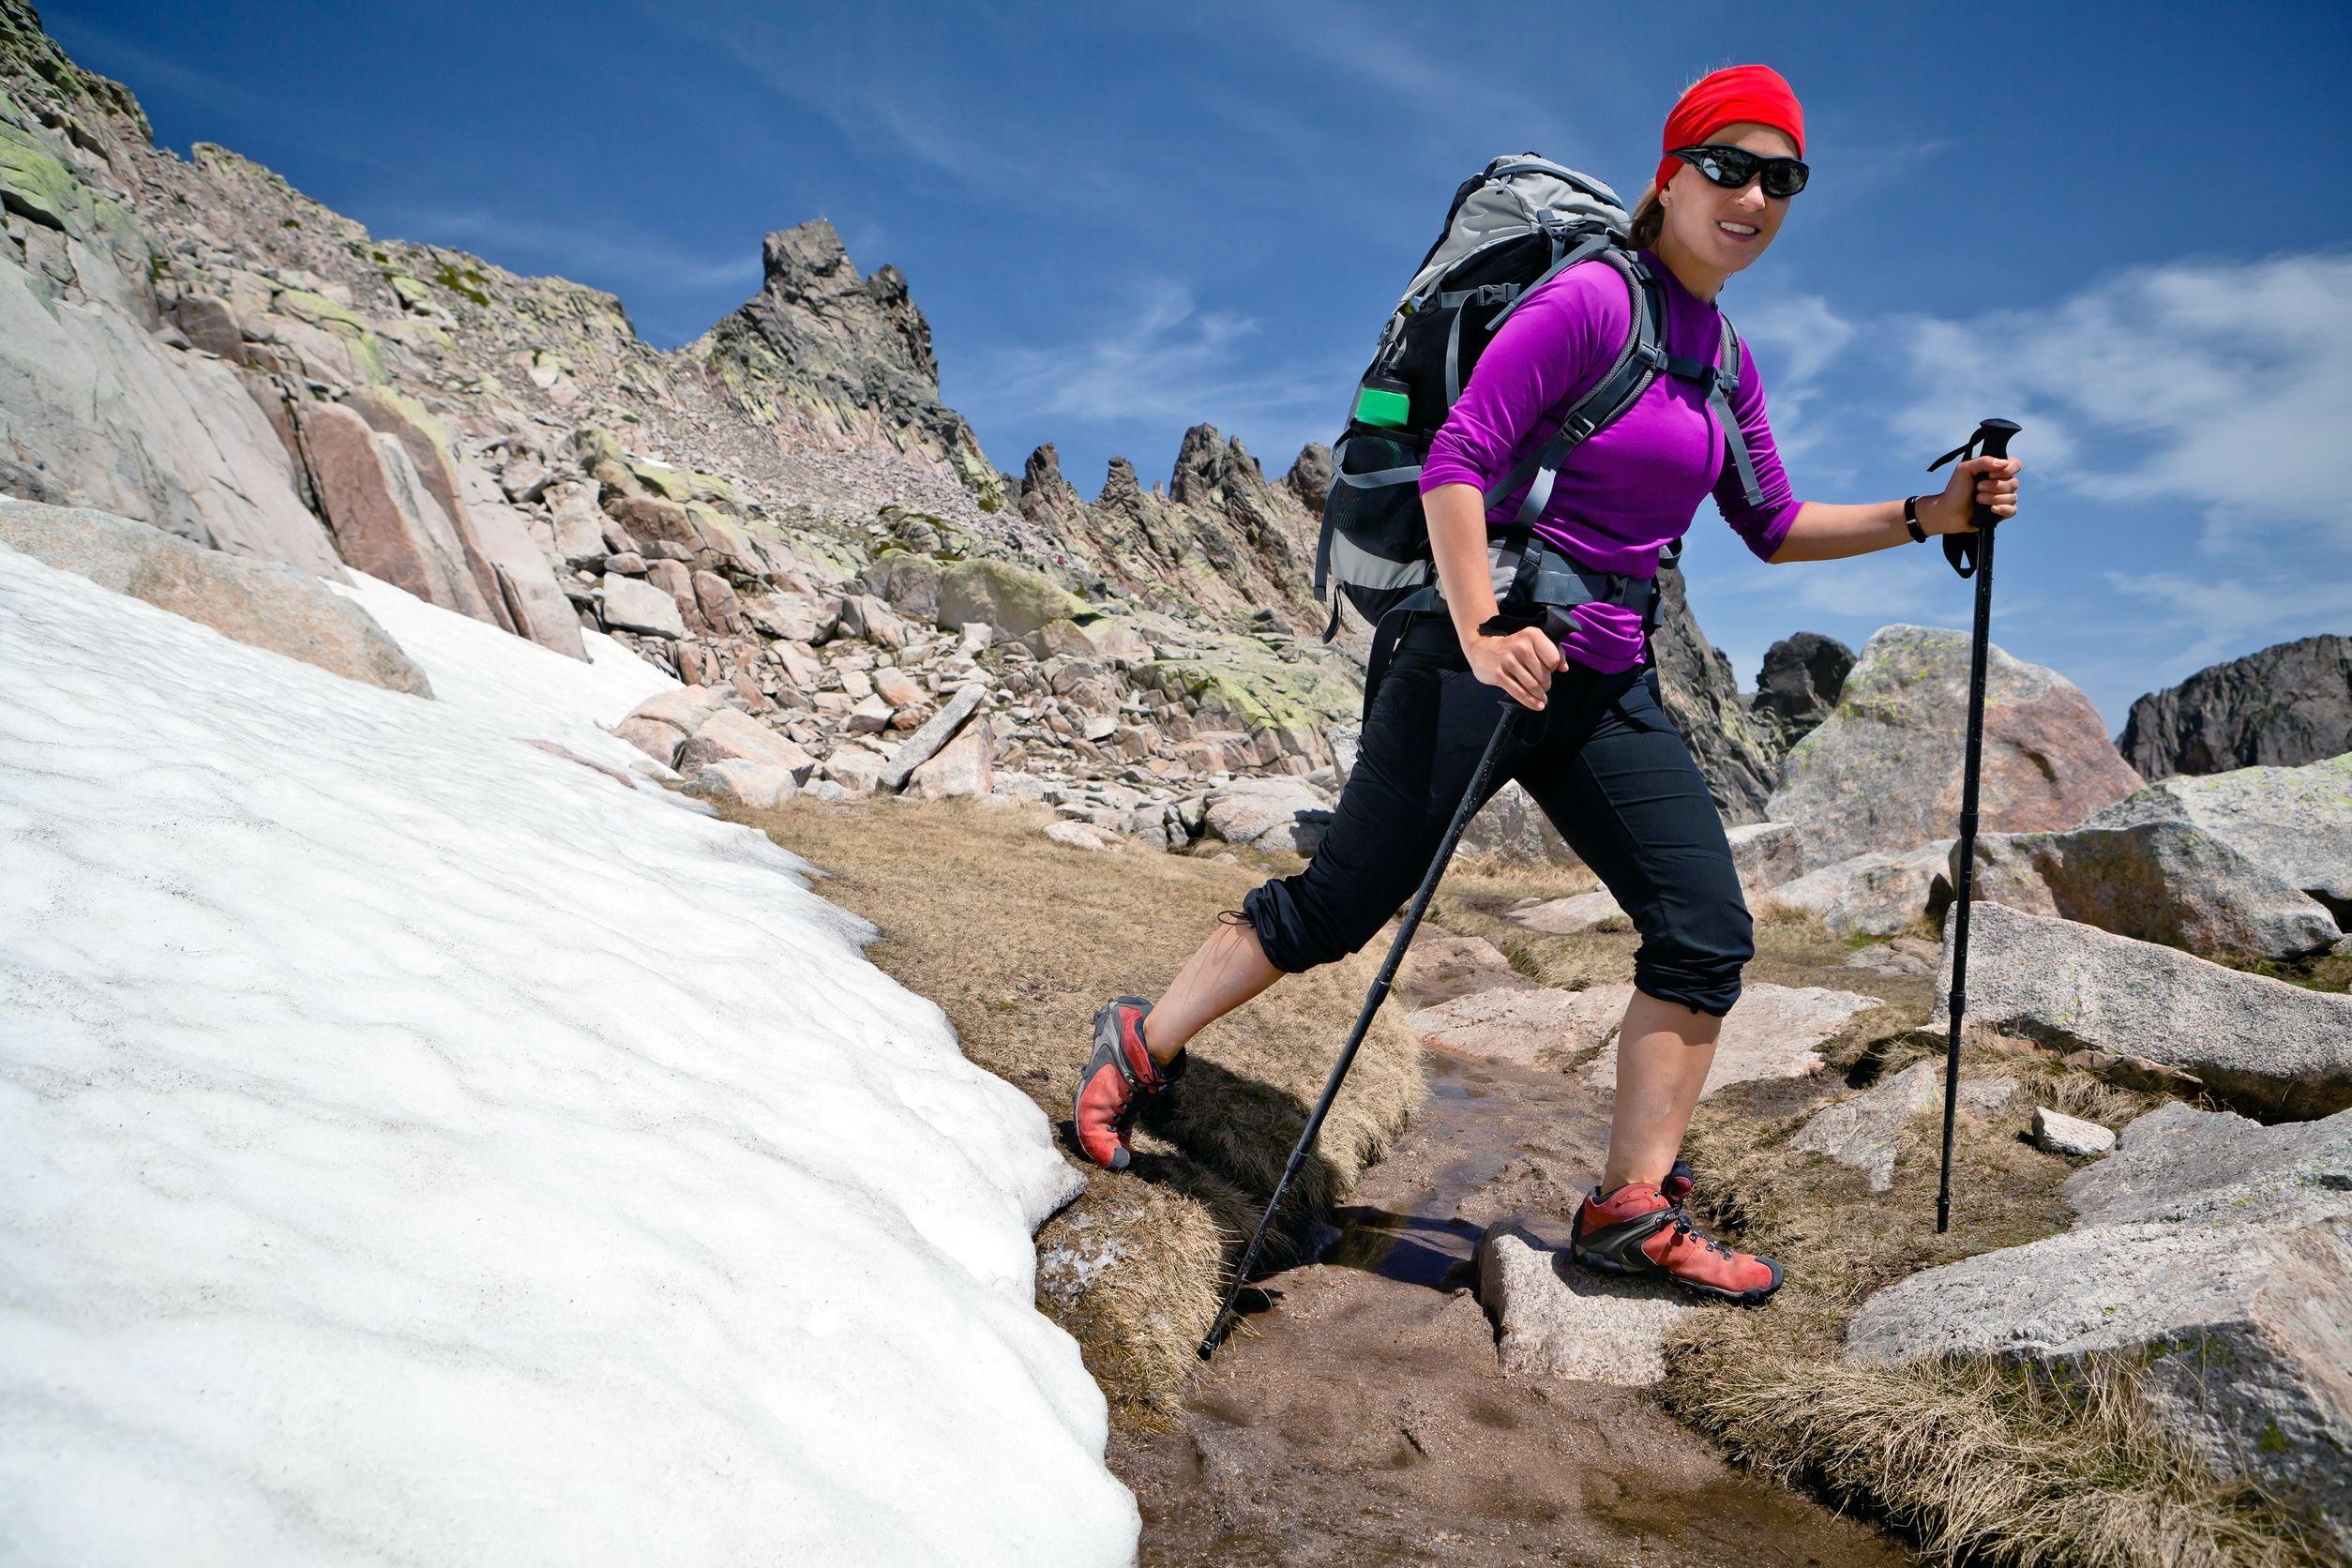 Alpenüberquerung E5: Wichtige Informationen für die Tour